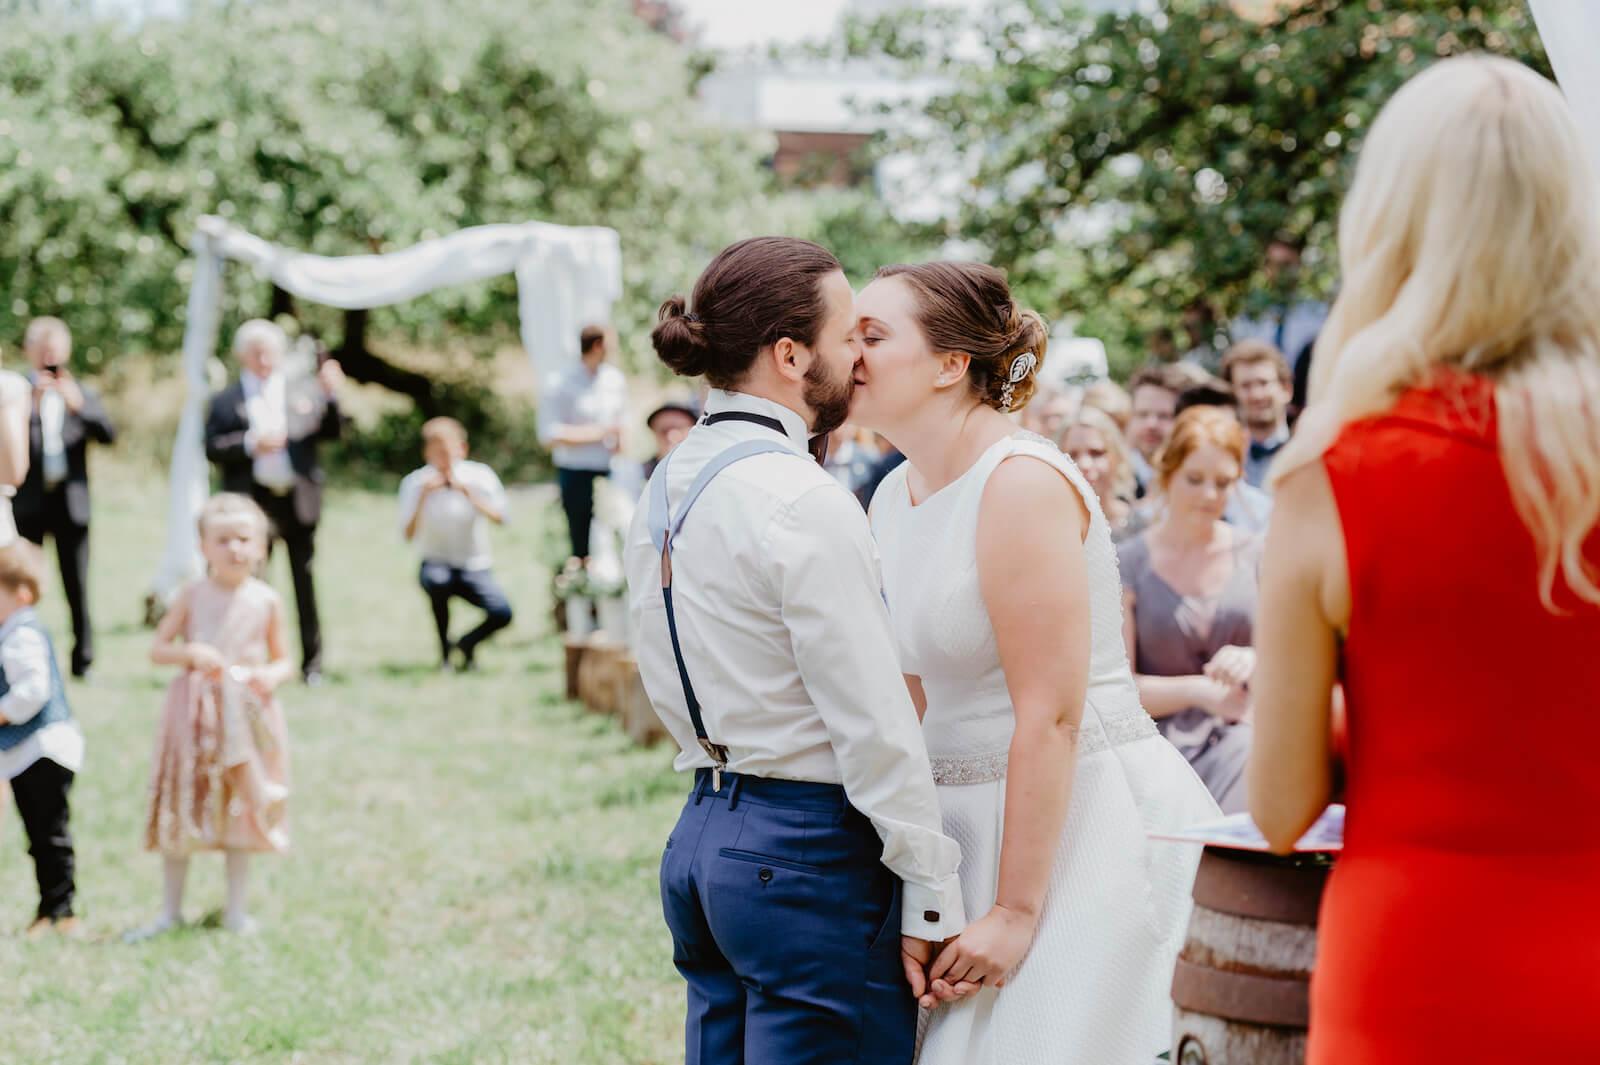 Gartenhochzeit Buchloe - Kuss nach der Zeremonie